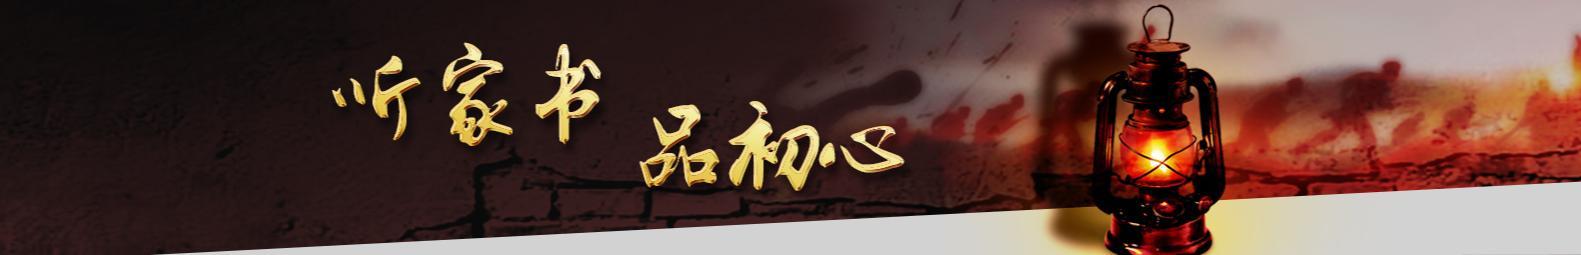 http://www.12371.cn.enmiw.cn/special/tjspcx/